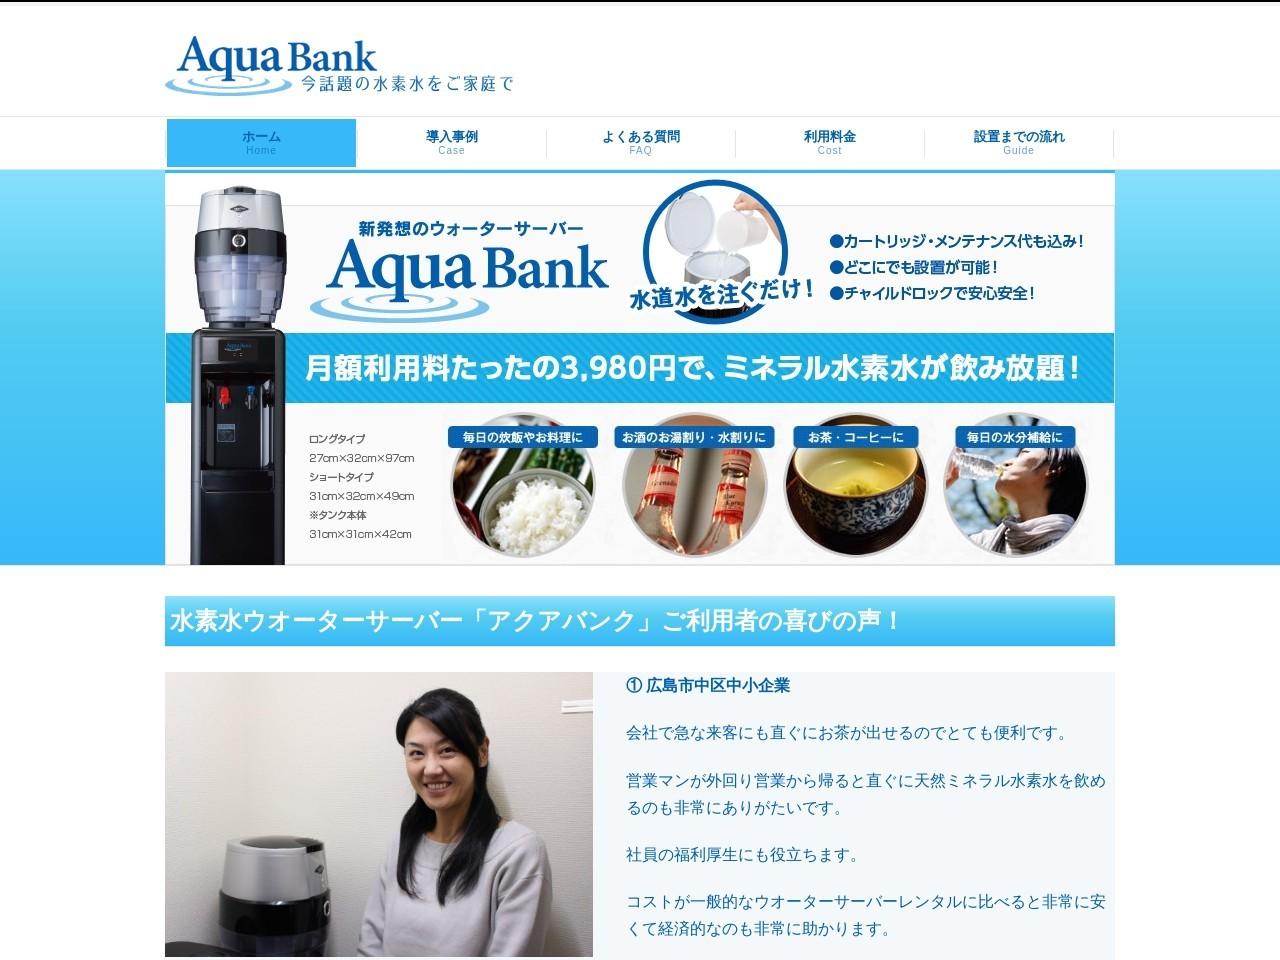 広島総合商事株式会社